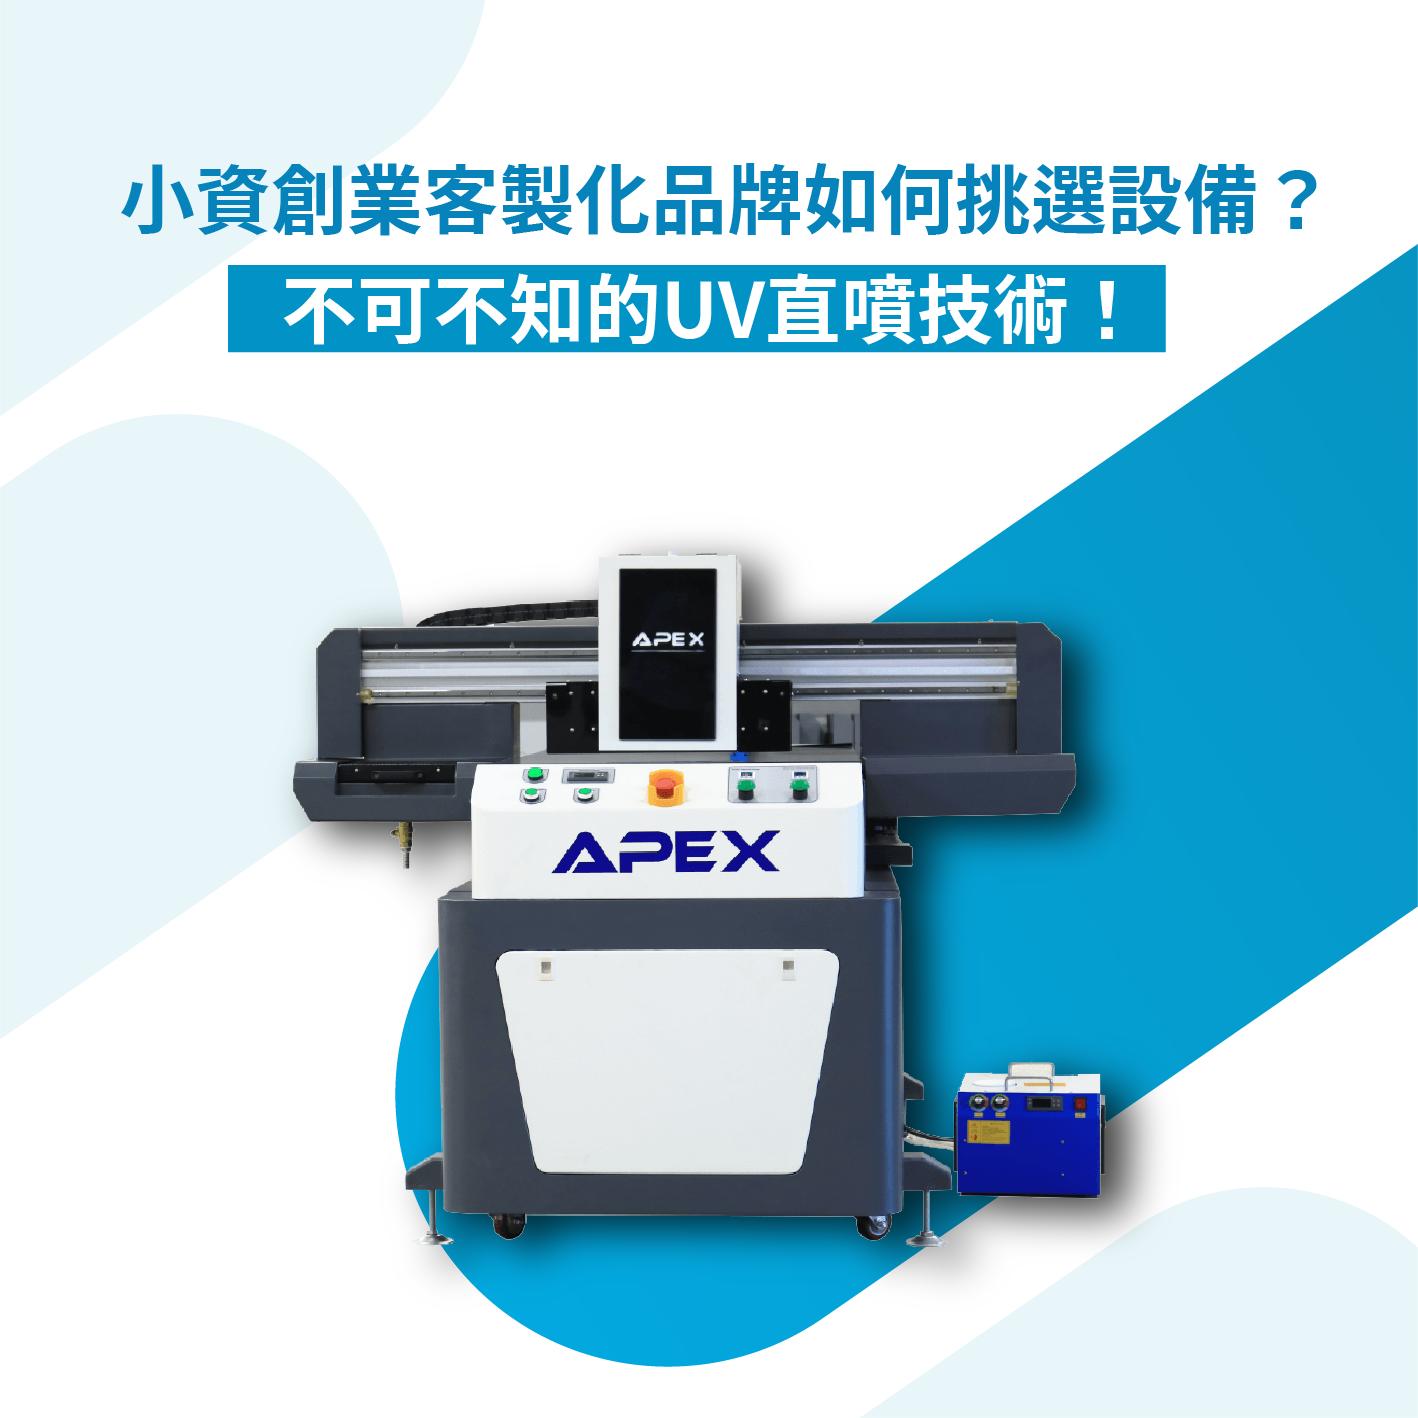 小資創業客製化品牌如何挑選設備?不可不知的UV直噴技術!